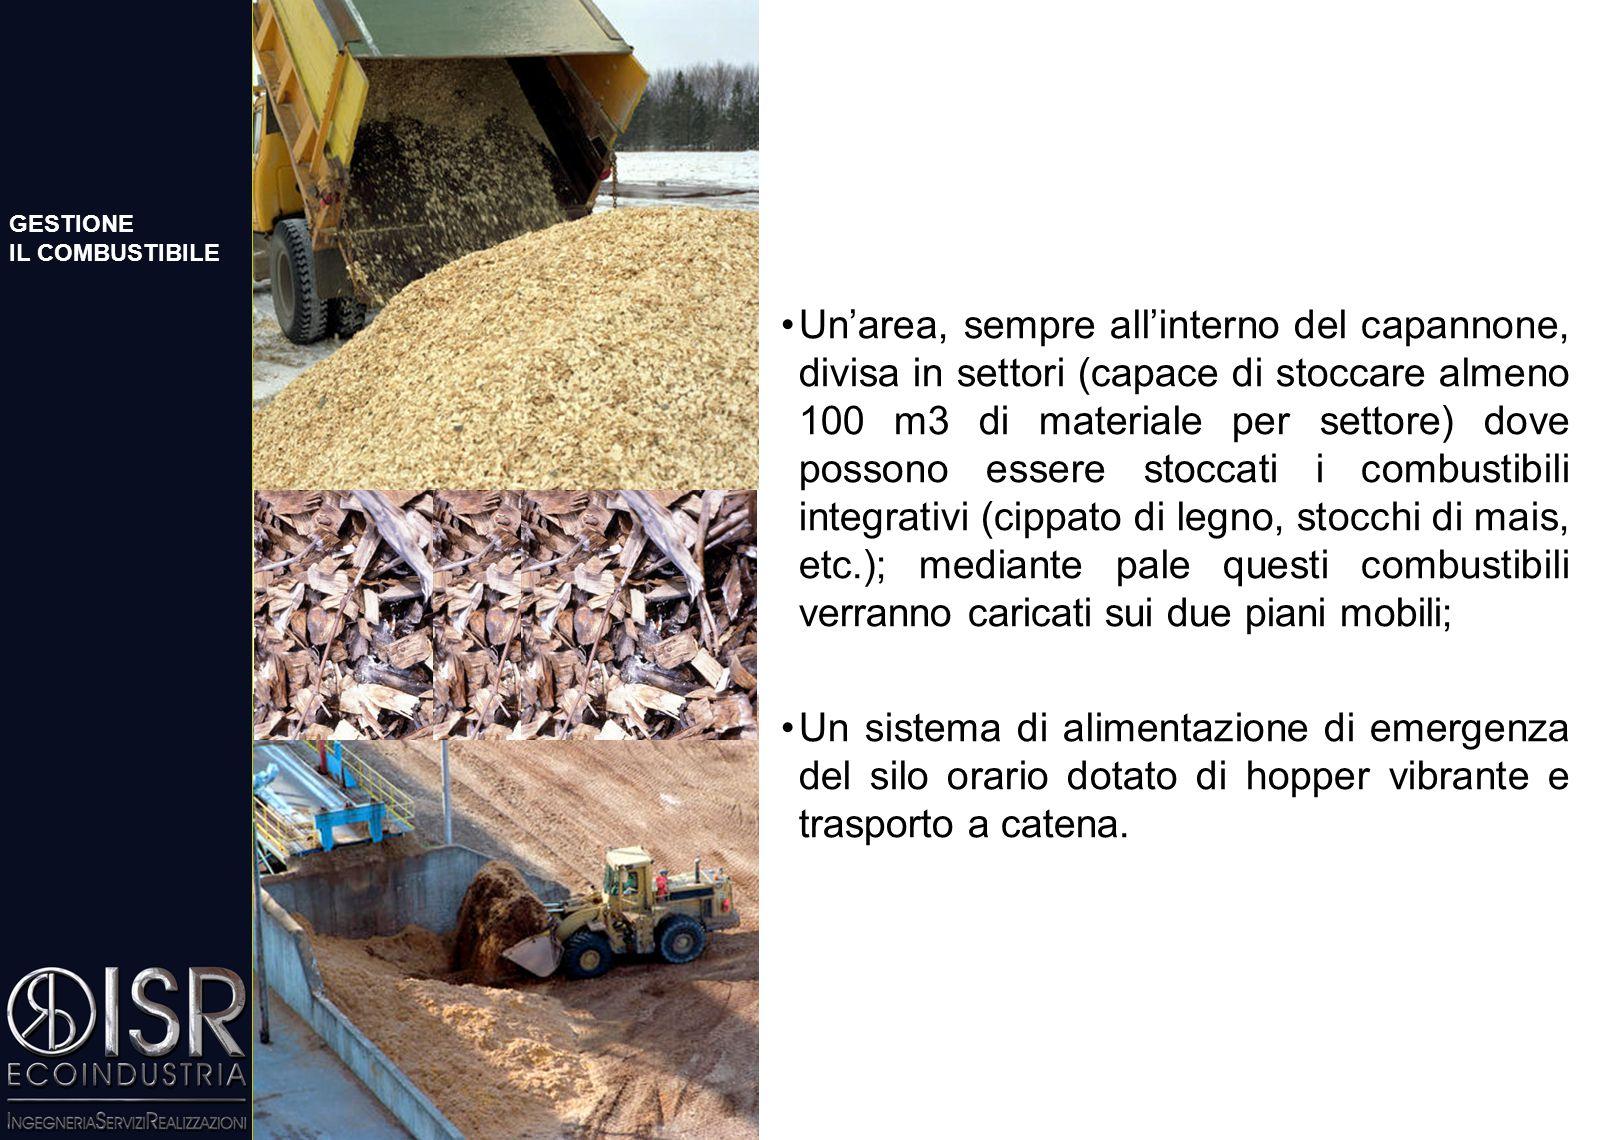 Dai piani mobili, attraverso le coclee di scarico, verrà alimentato il vaglio ed un trasporto a nastro (preferito) o a catena dimensionato per 60 m3/h